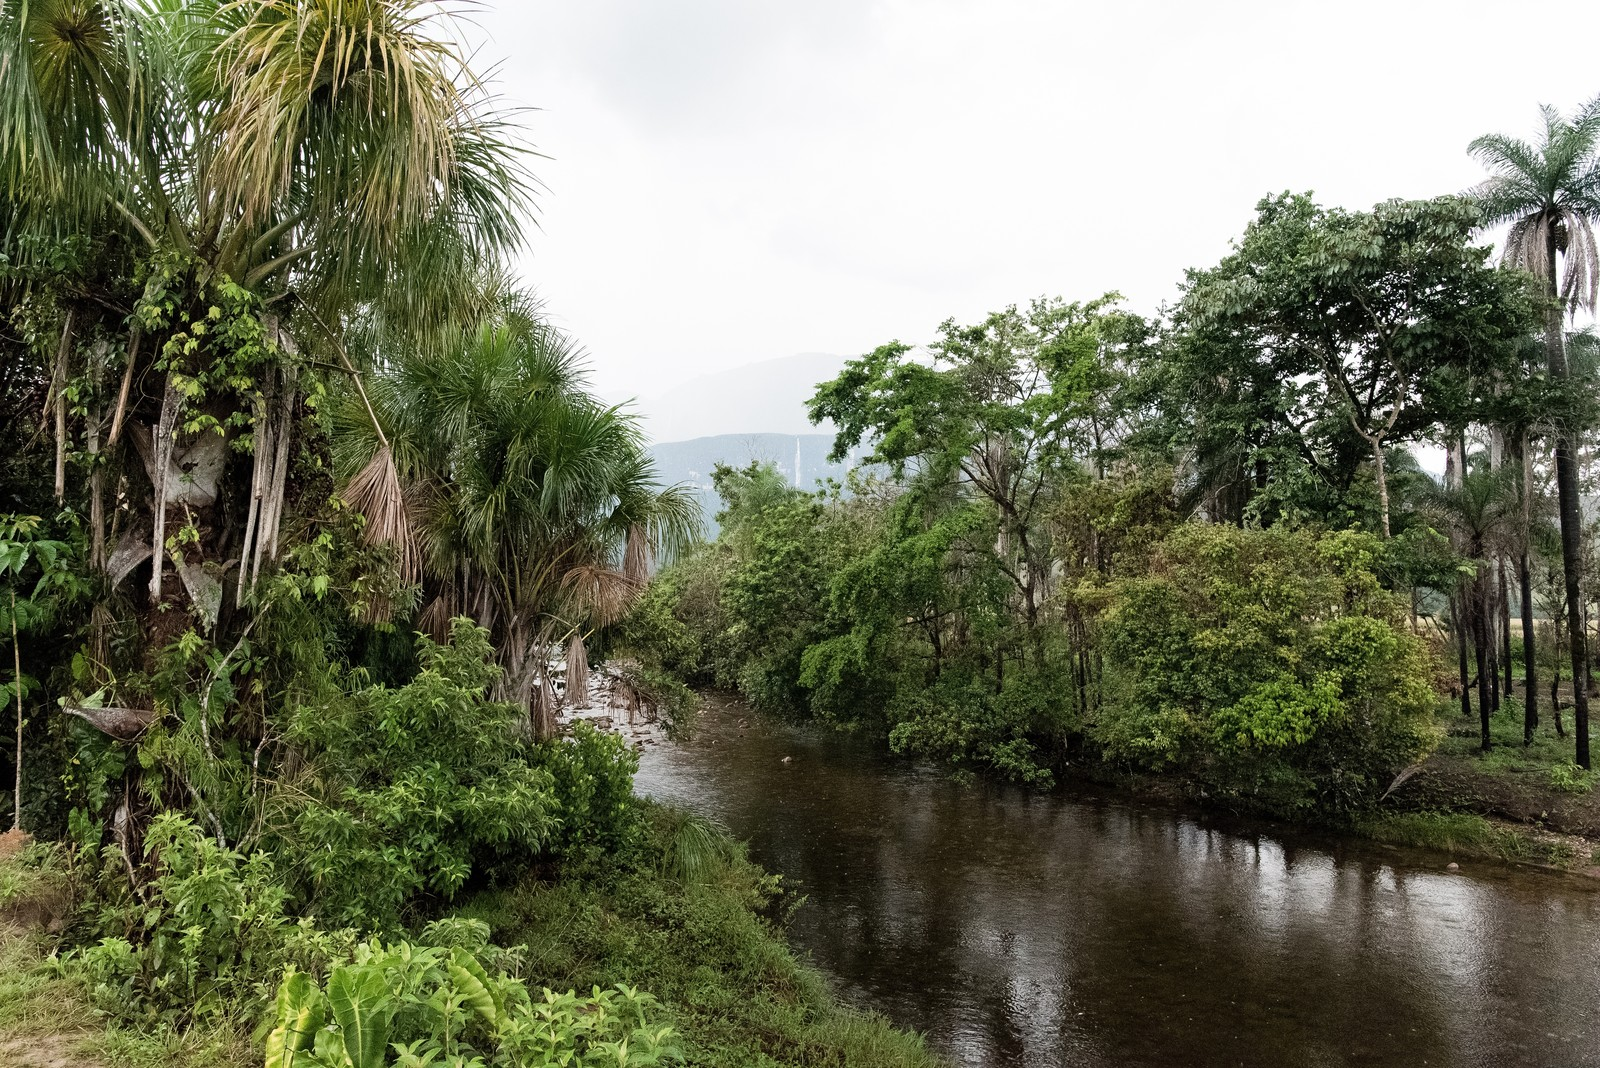 「ベネズエラの川ベネズエラの川」のフリー写真素材を拡大